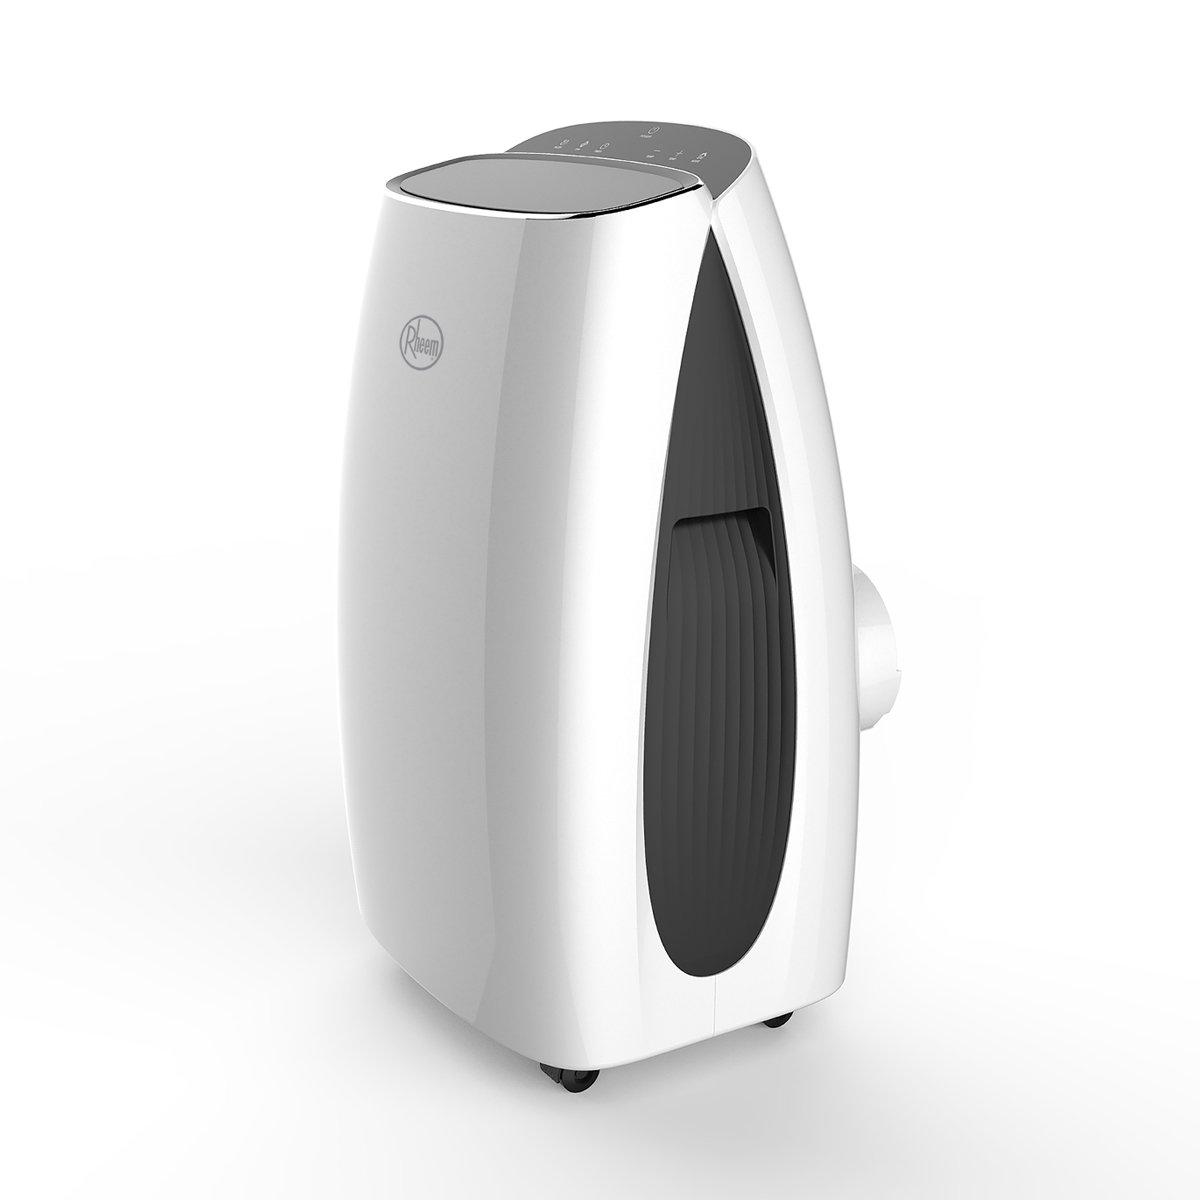 Aire acondicionado port til 12000 btu friocalor sears for Comparativa aire acondicionado portatil